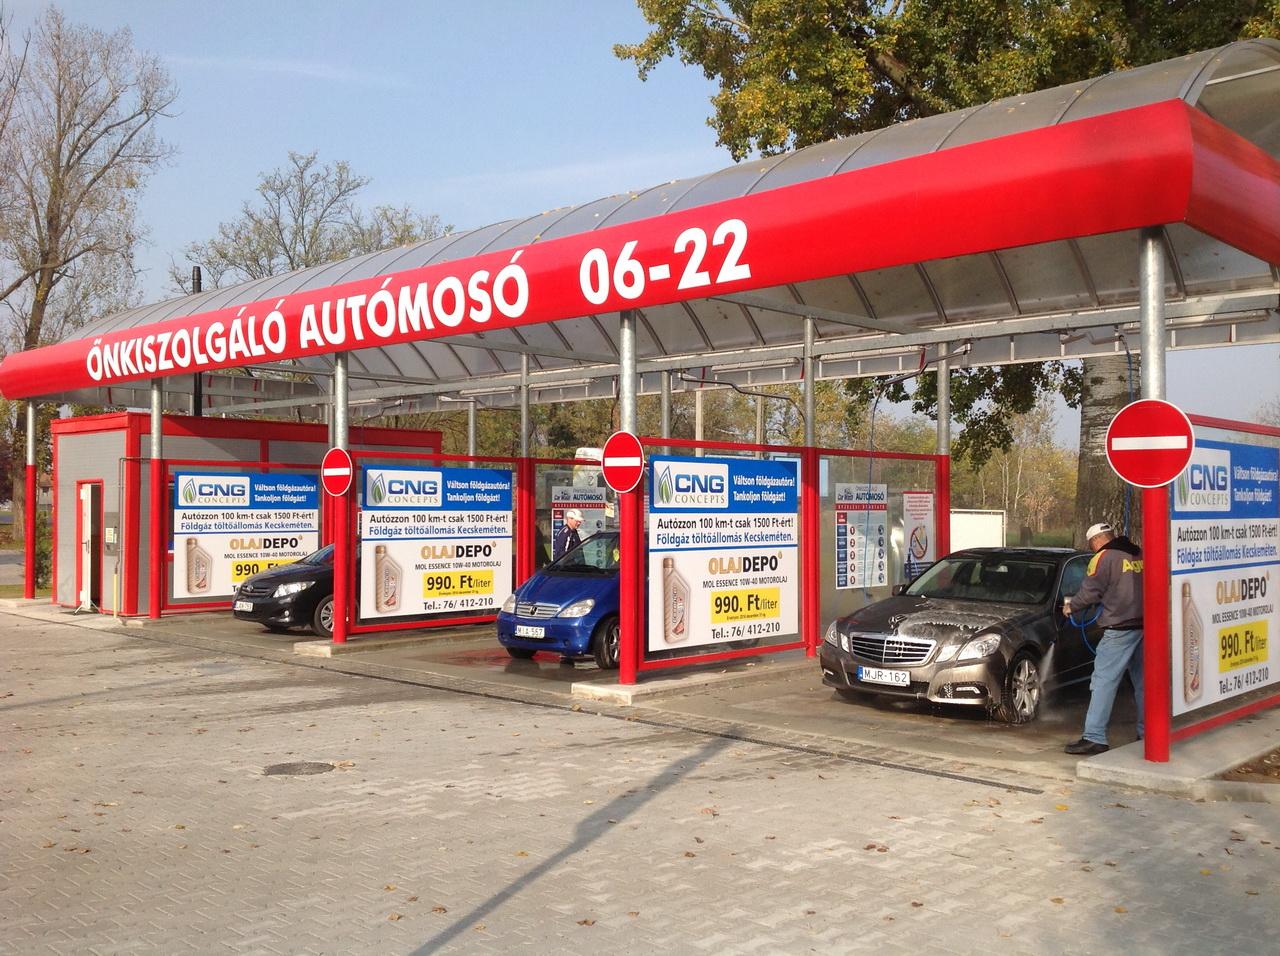 Önkiszolgáló Kézi Autómosó és Porszívó, 6000 Kecskemét, Széchenyiváros, a Budai úti MOL benzinkút mellett - Olajdepo Kecskemét